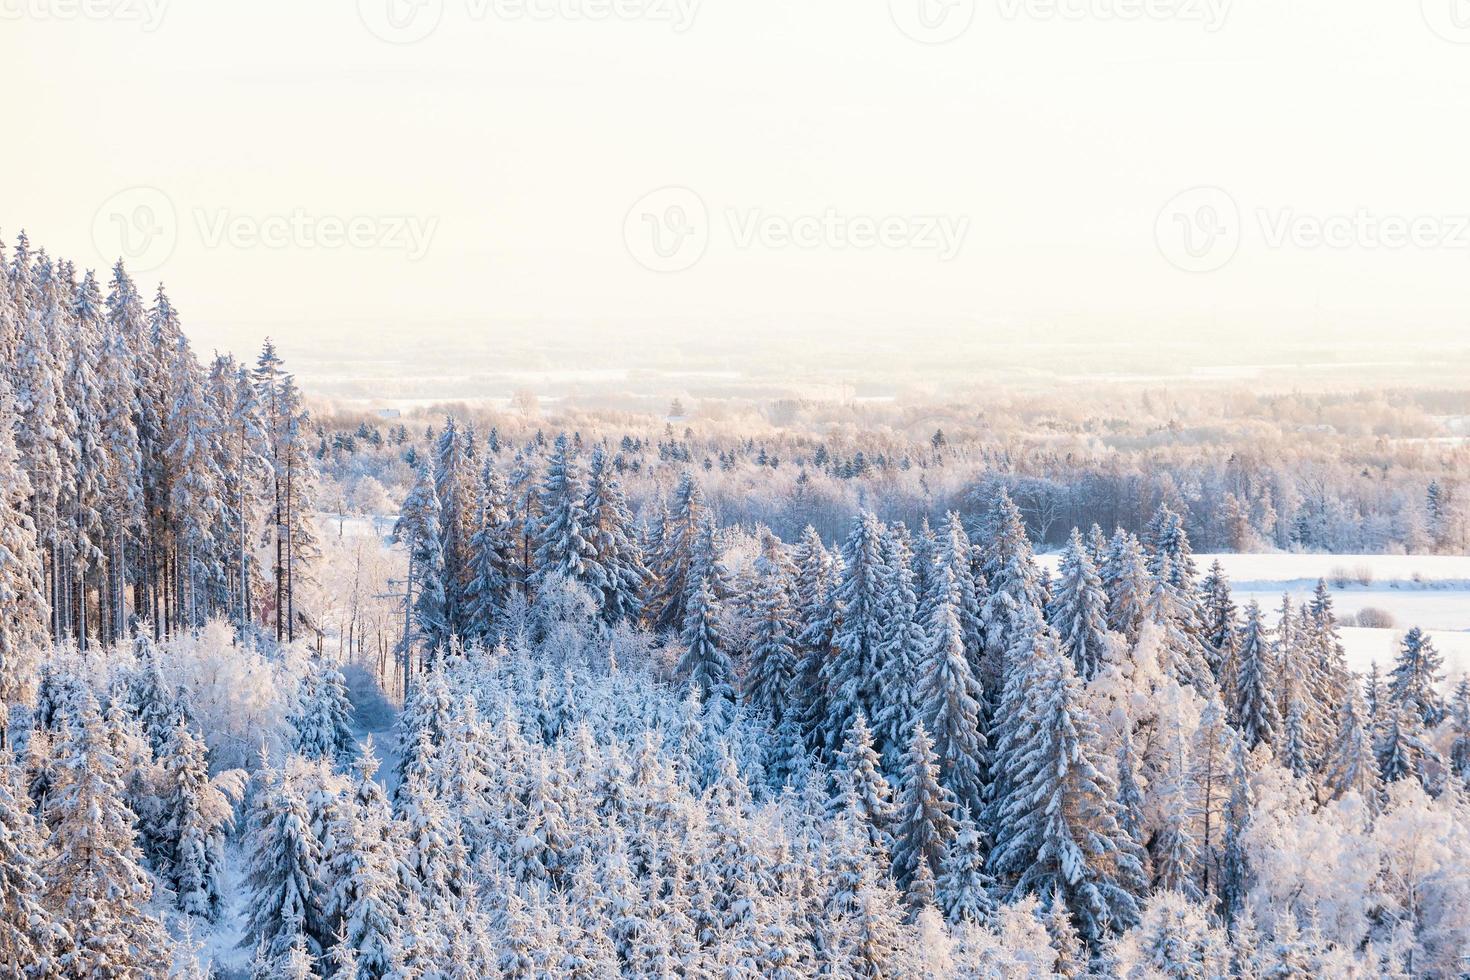 vista da floresta no inverno foto